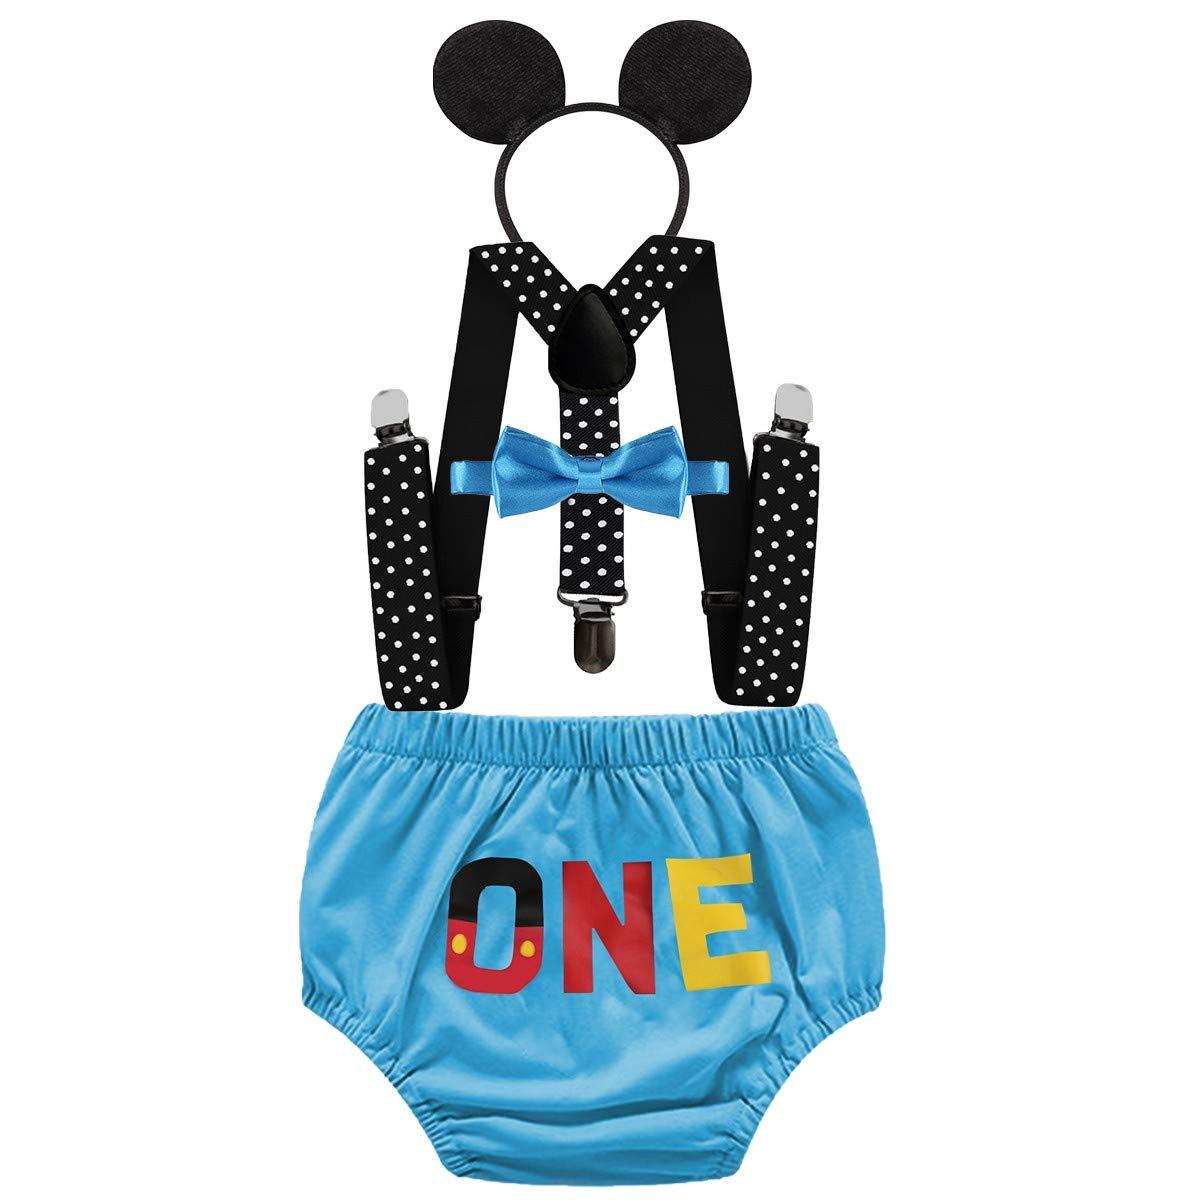 FMYFWY Neonato Bambino 1 /° Compleanno Outfits One Pantaloncini Papillon 4 Pezzi Fascia per Topolino Bretelle Costume da Topolino Carnevale Halloween Festa Fotografia